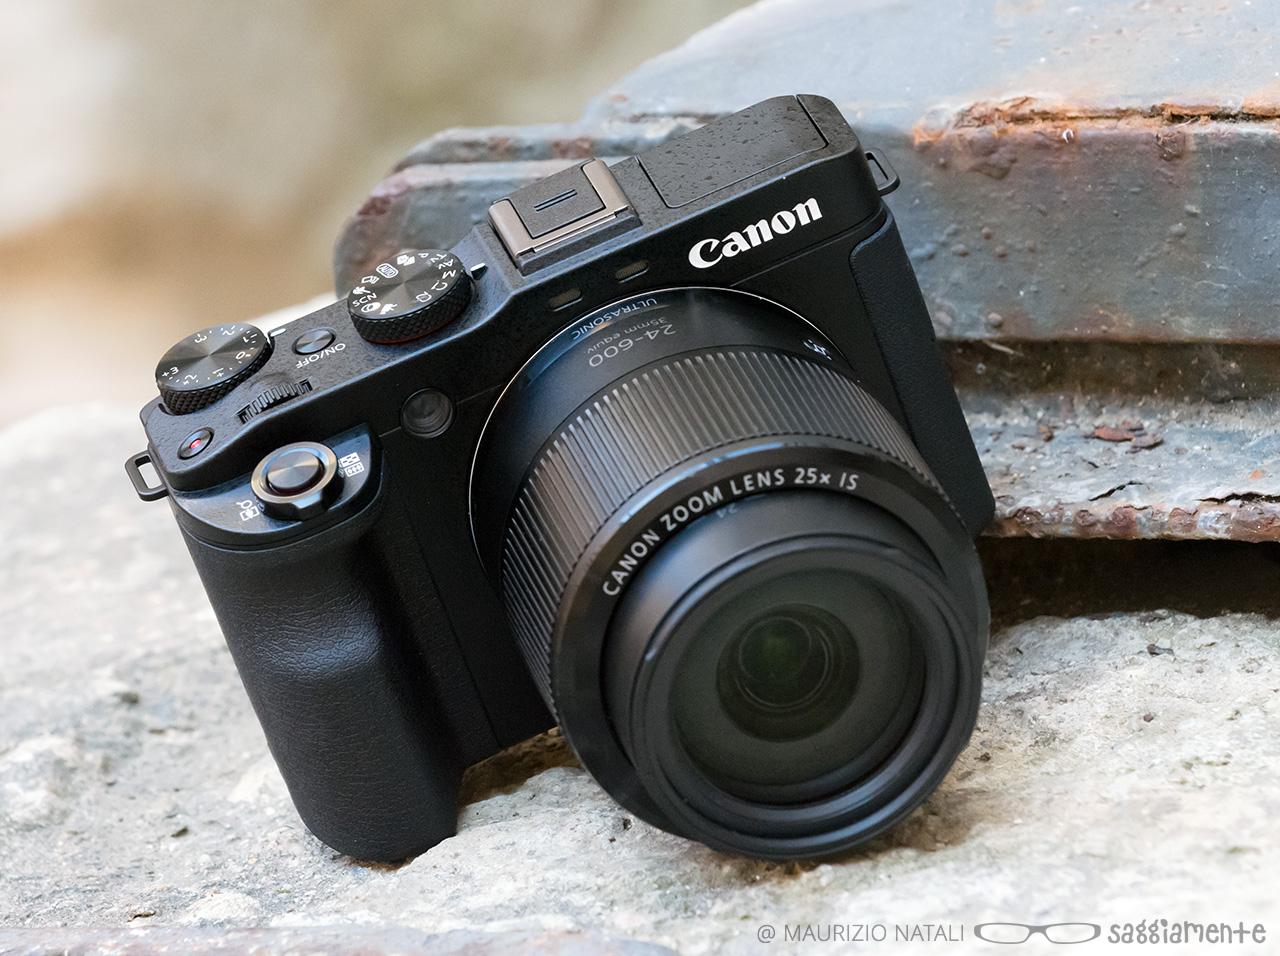 Recensione Canon G3 X La Bridge A Largo Sensore Con Super Zoom Da Powershot Wi Fi And Nfc G3x Intro